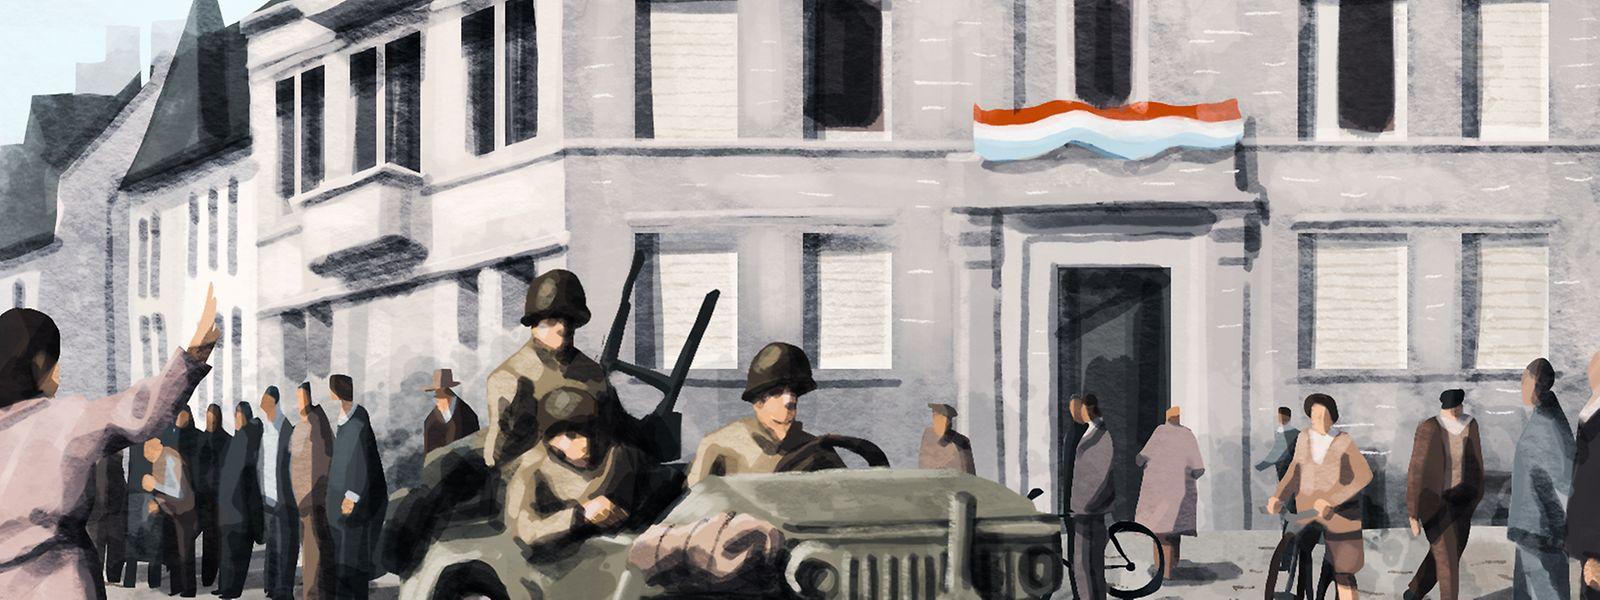 10 septembre 1944. Vers 9 heures du matin, la 5e division blindée américaine, commandée par le général Lunsford E. Oliver, entre dans la capitale sans rencontrer de riposte allemande.